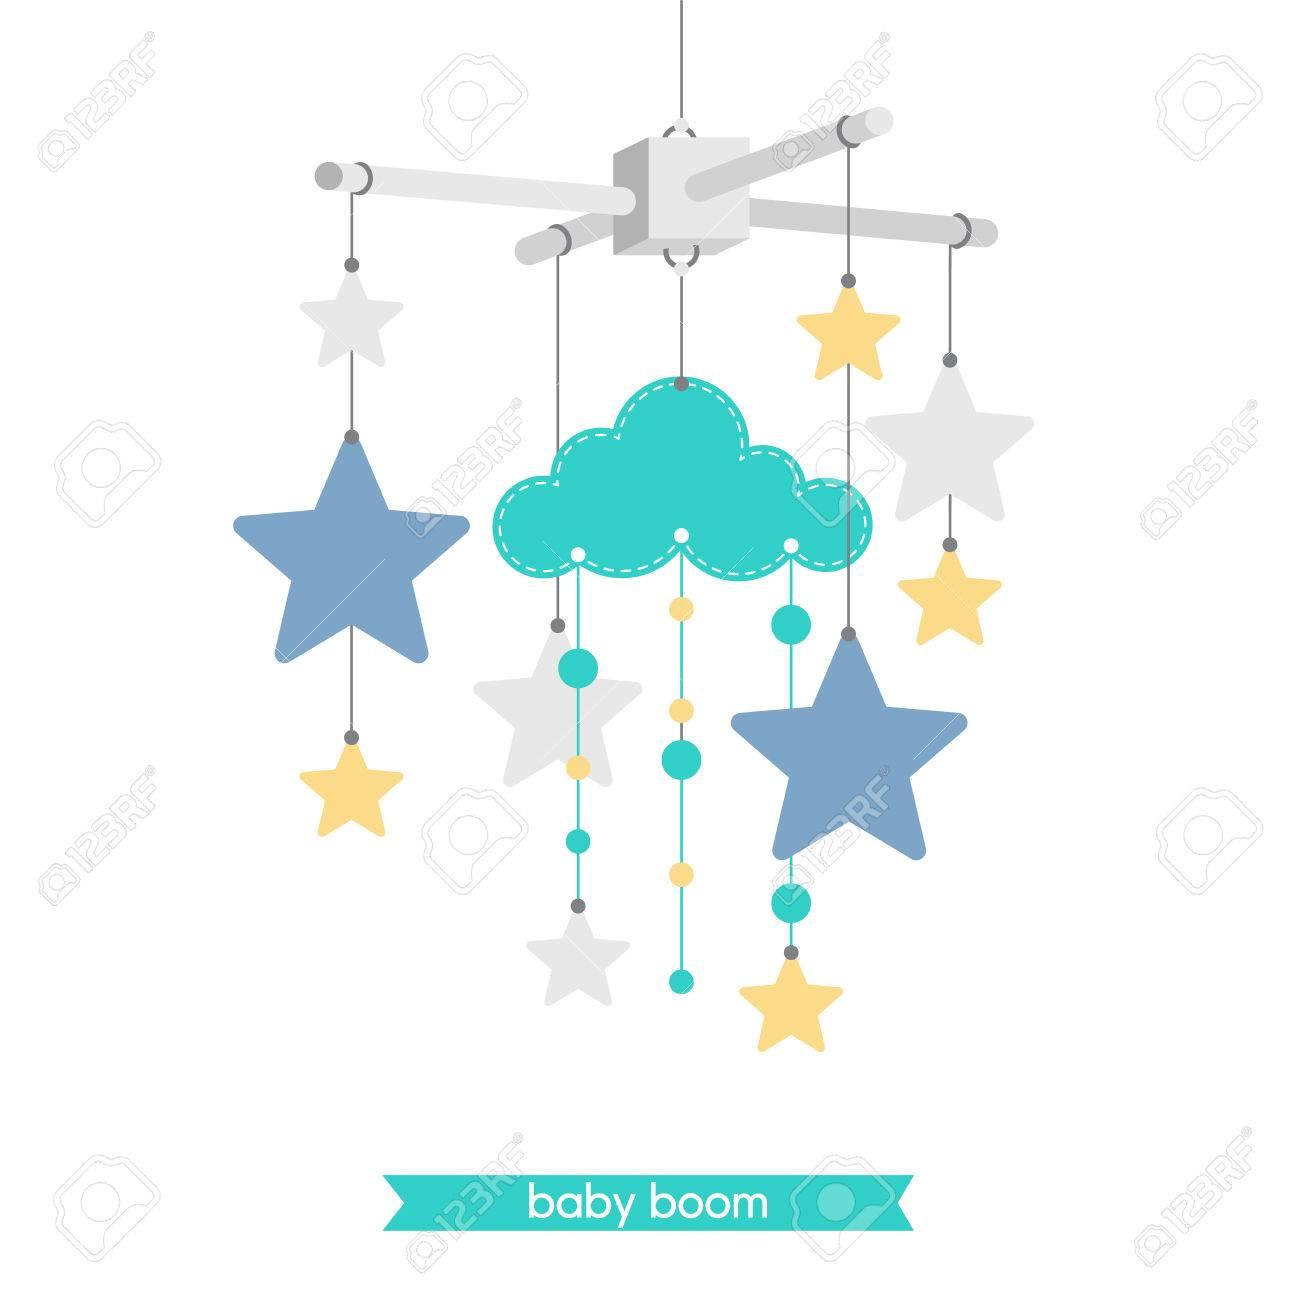 Neugeborene Karte Illustration Von Baby Handy Sterne Und Wolken